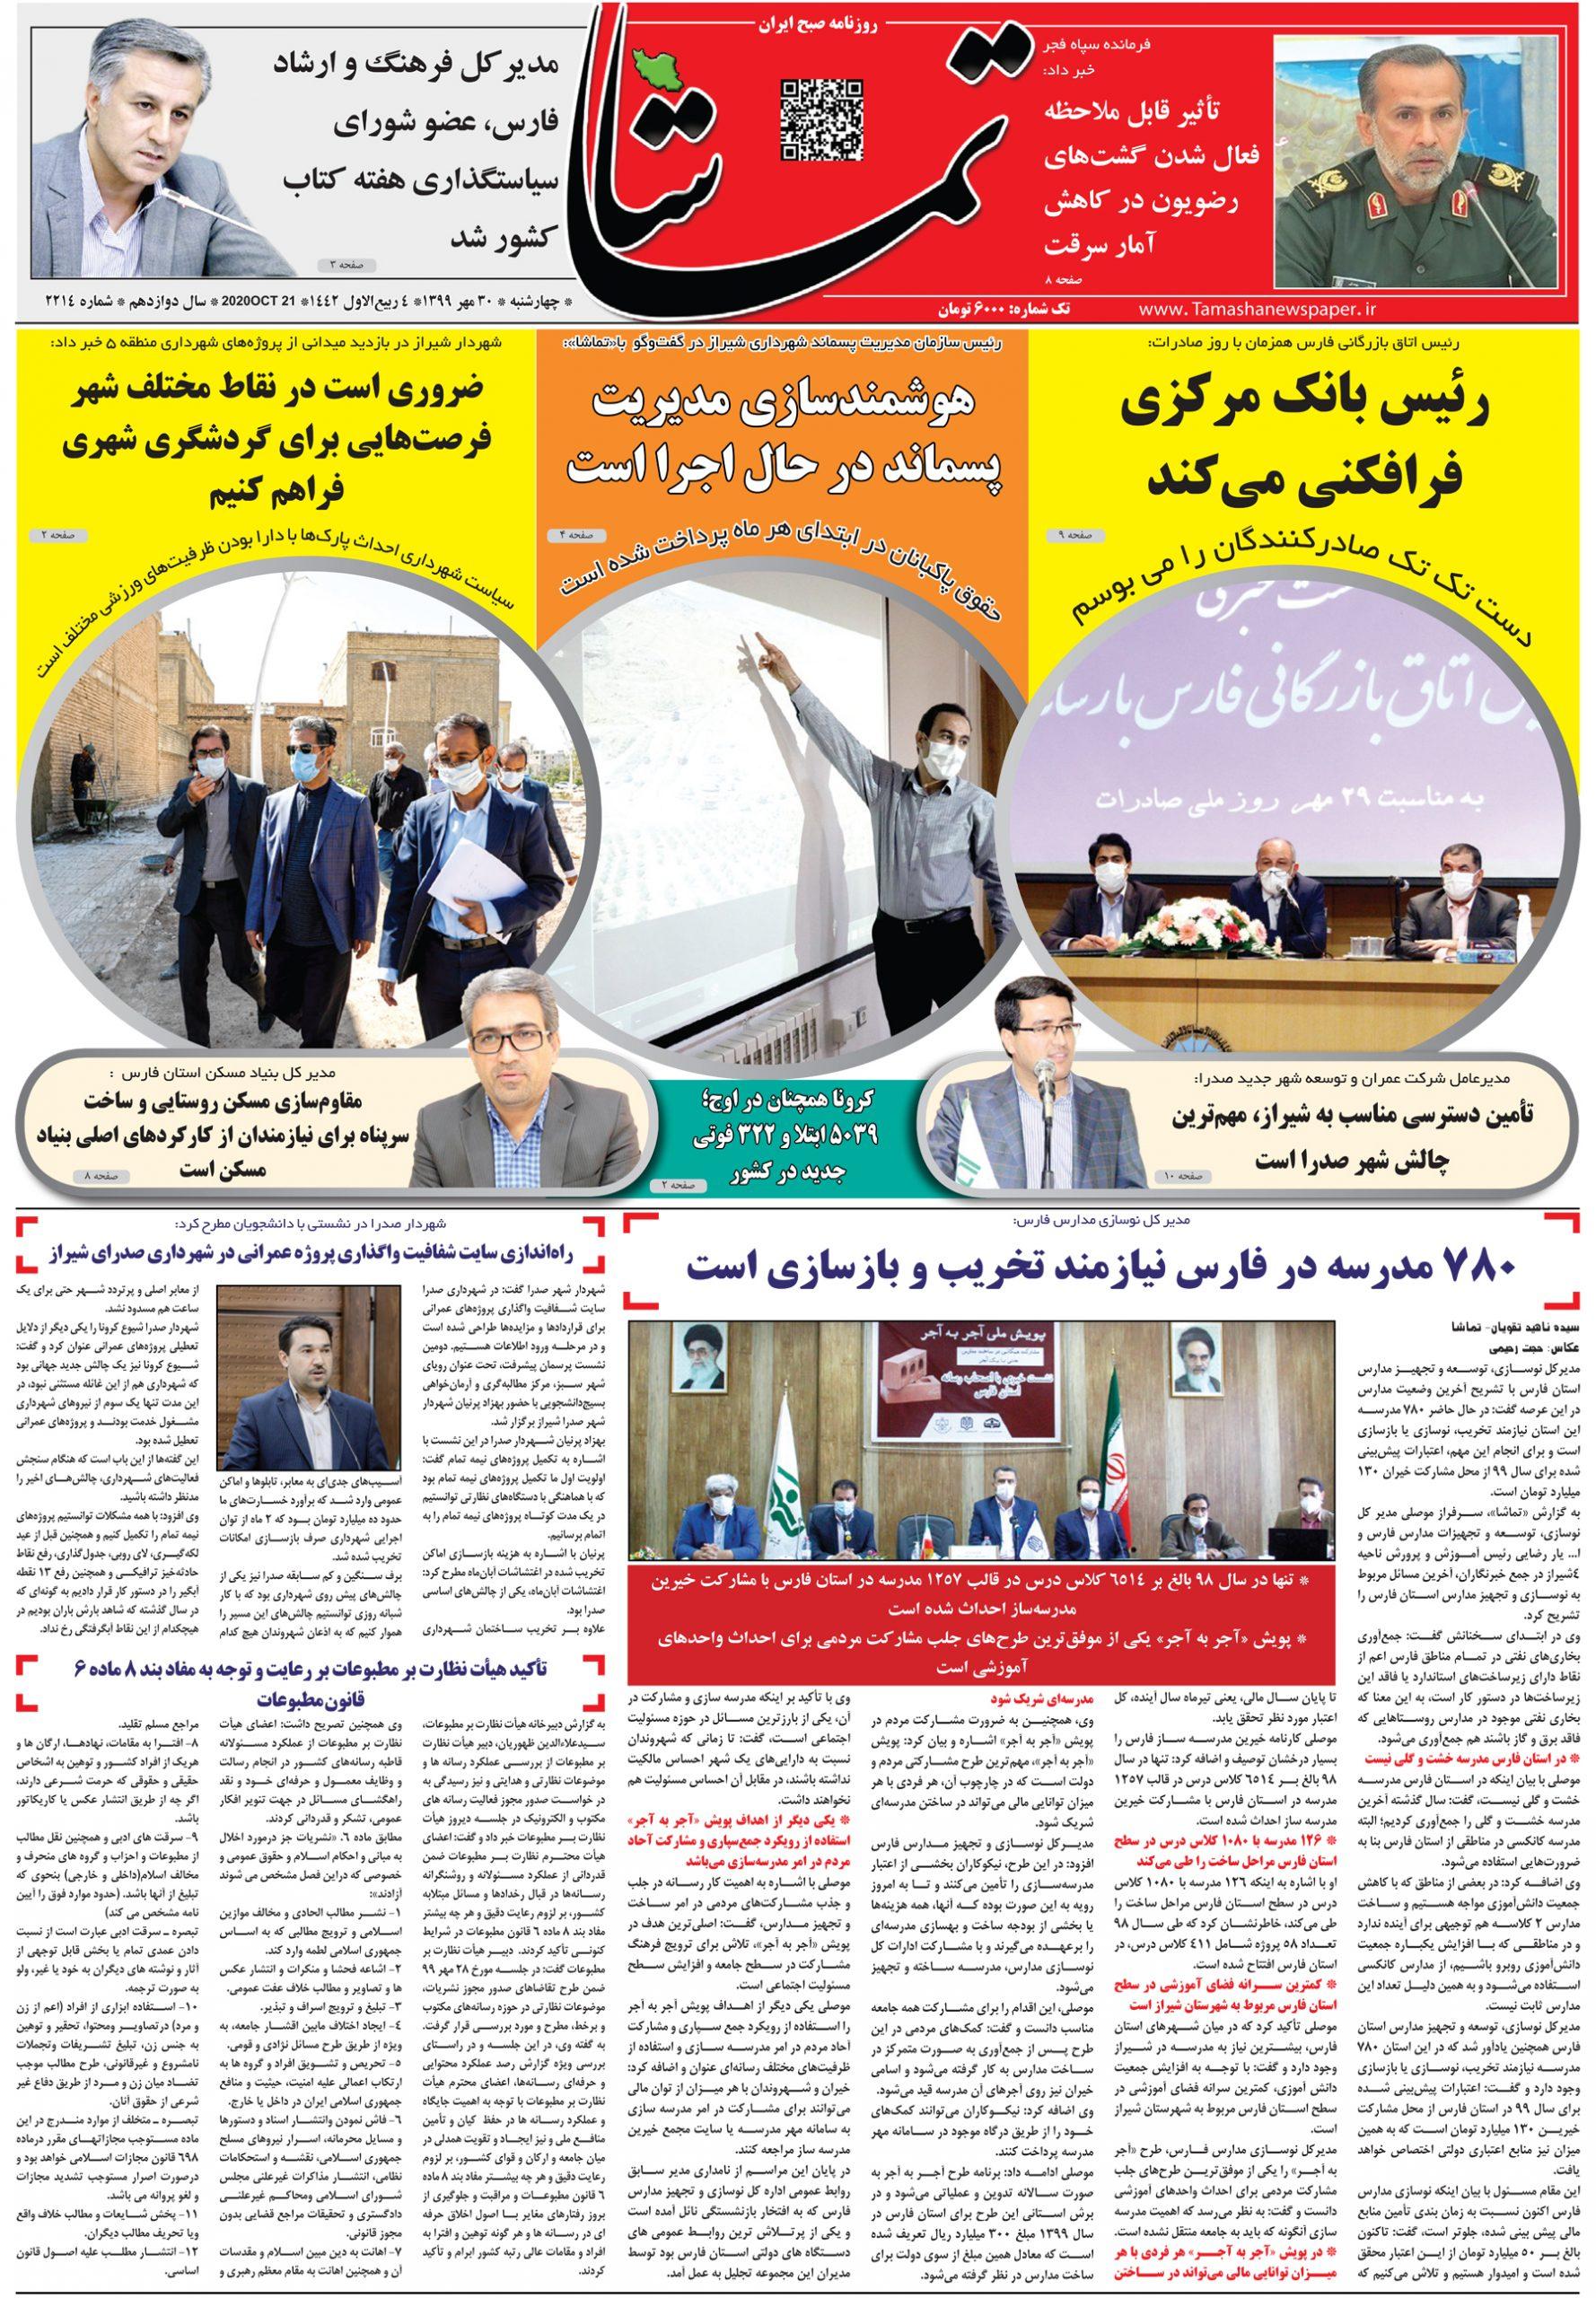 بازتاب گسترده طرح آجر به آجر در رسانه ها و خبرگزاری های استان فارس